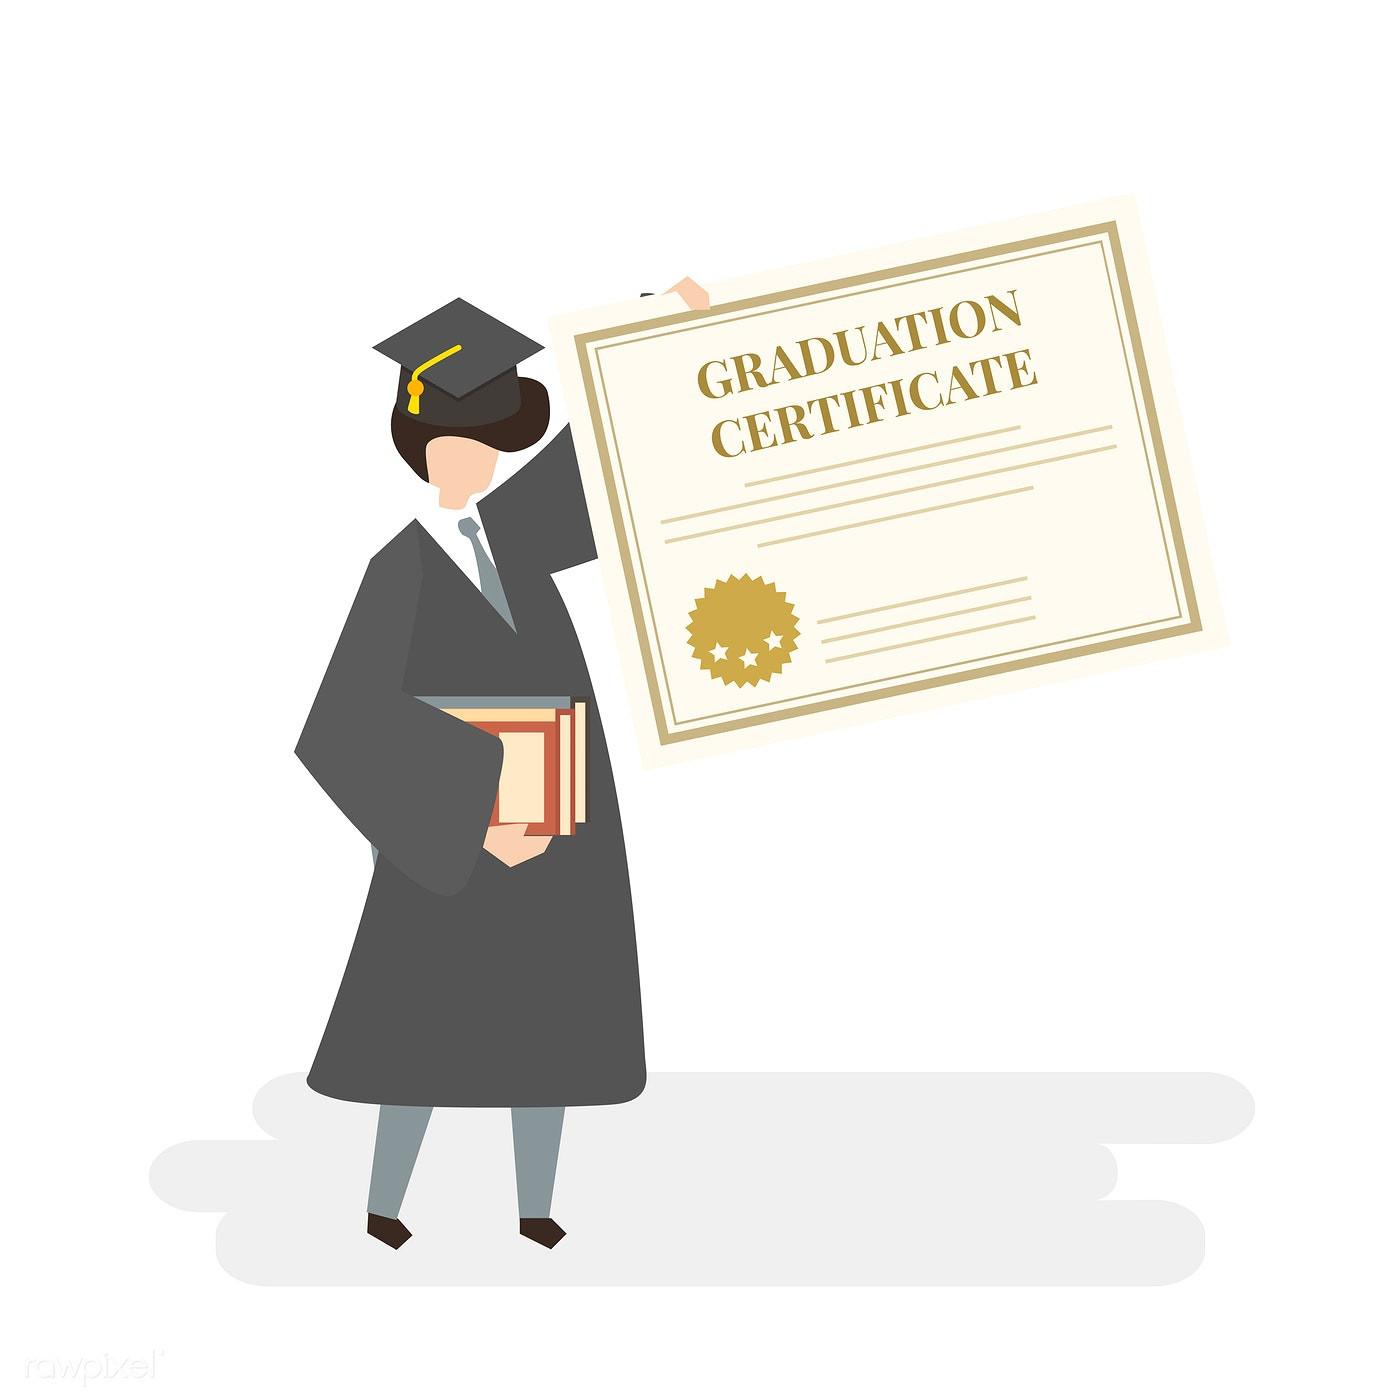 Ավարտական տեղեկագիր